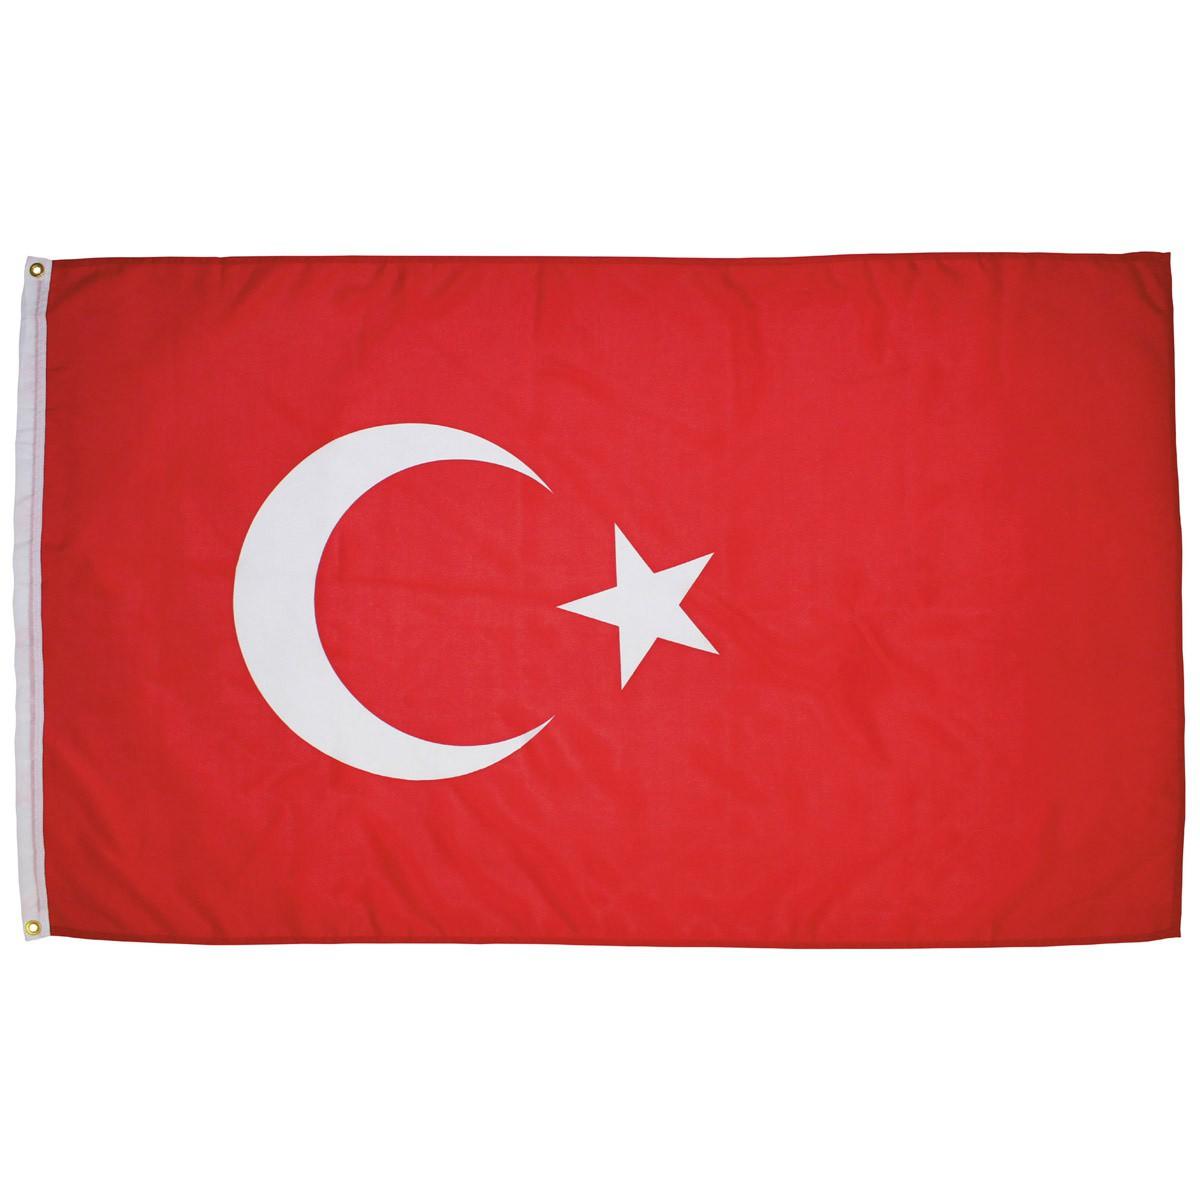 Turecká vlajka 150x90cm obojstranná polyester megamix.sk